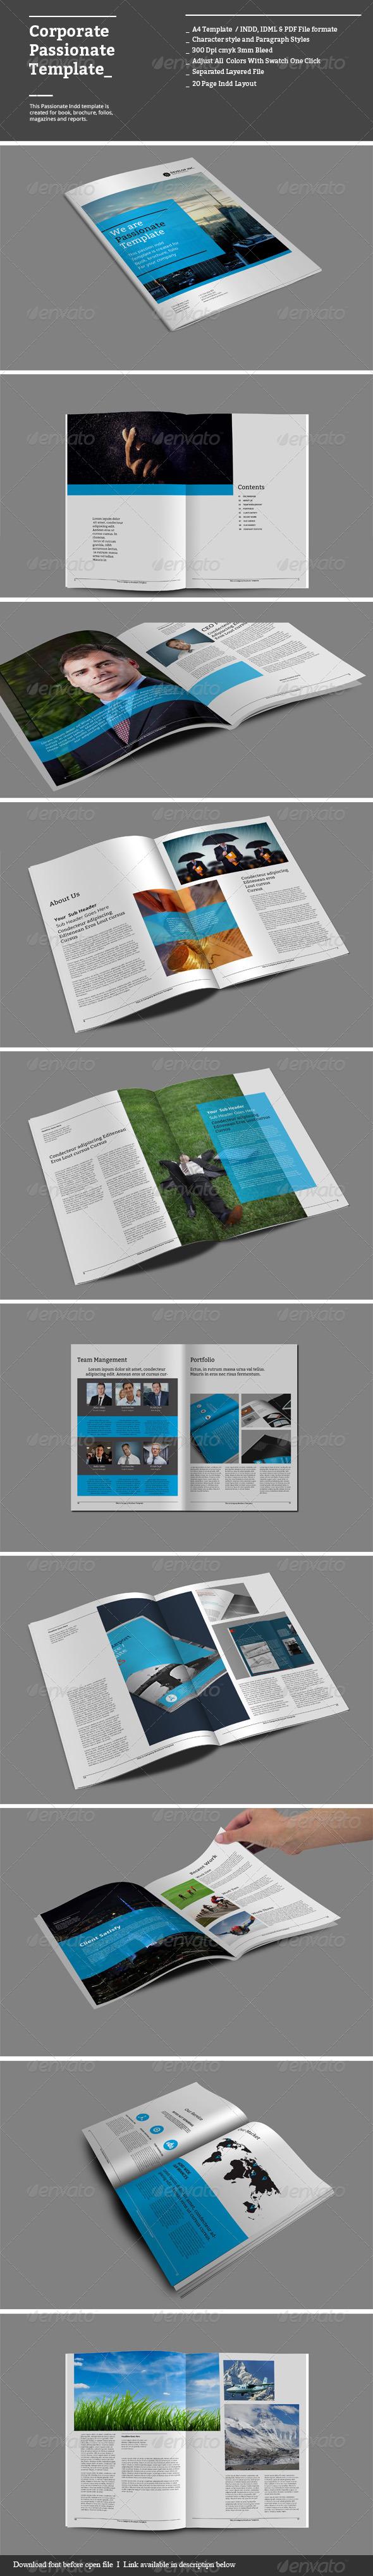 GraphicRiver Corporate Passionate Templates 8632775